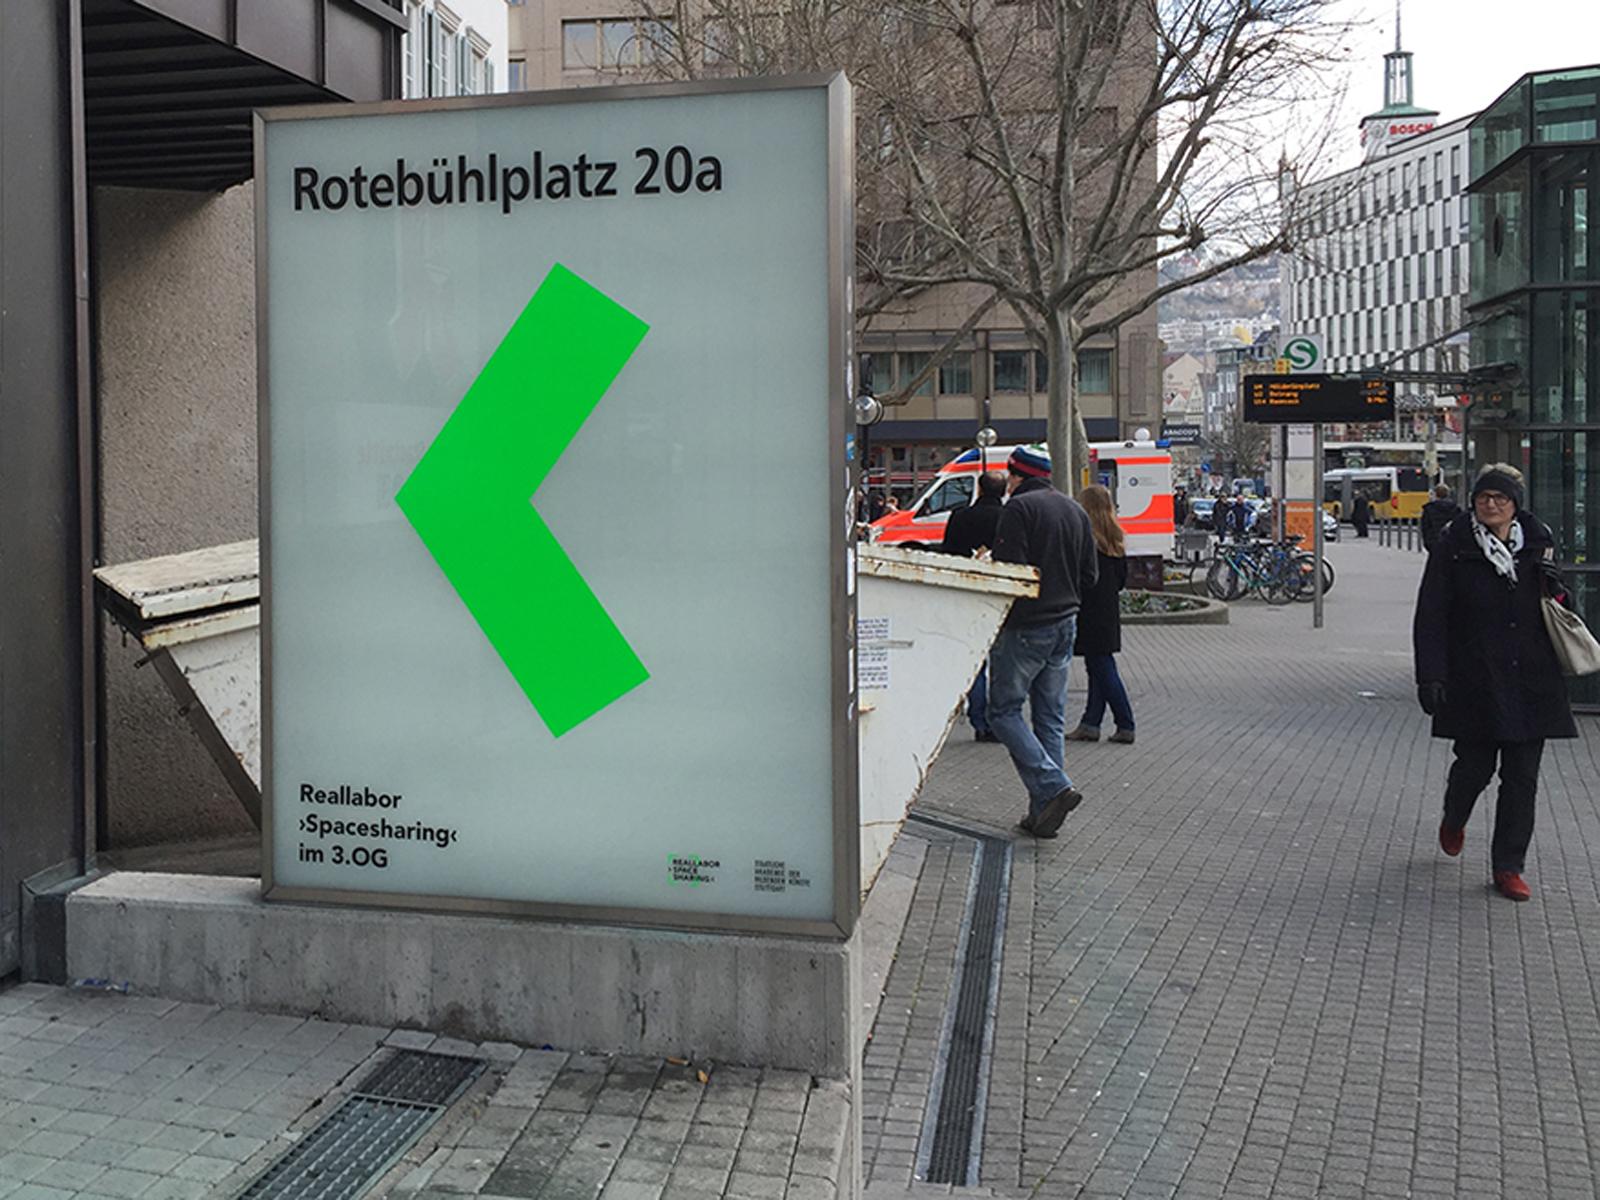 Stuttgartnacht - reallabor spacesharing